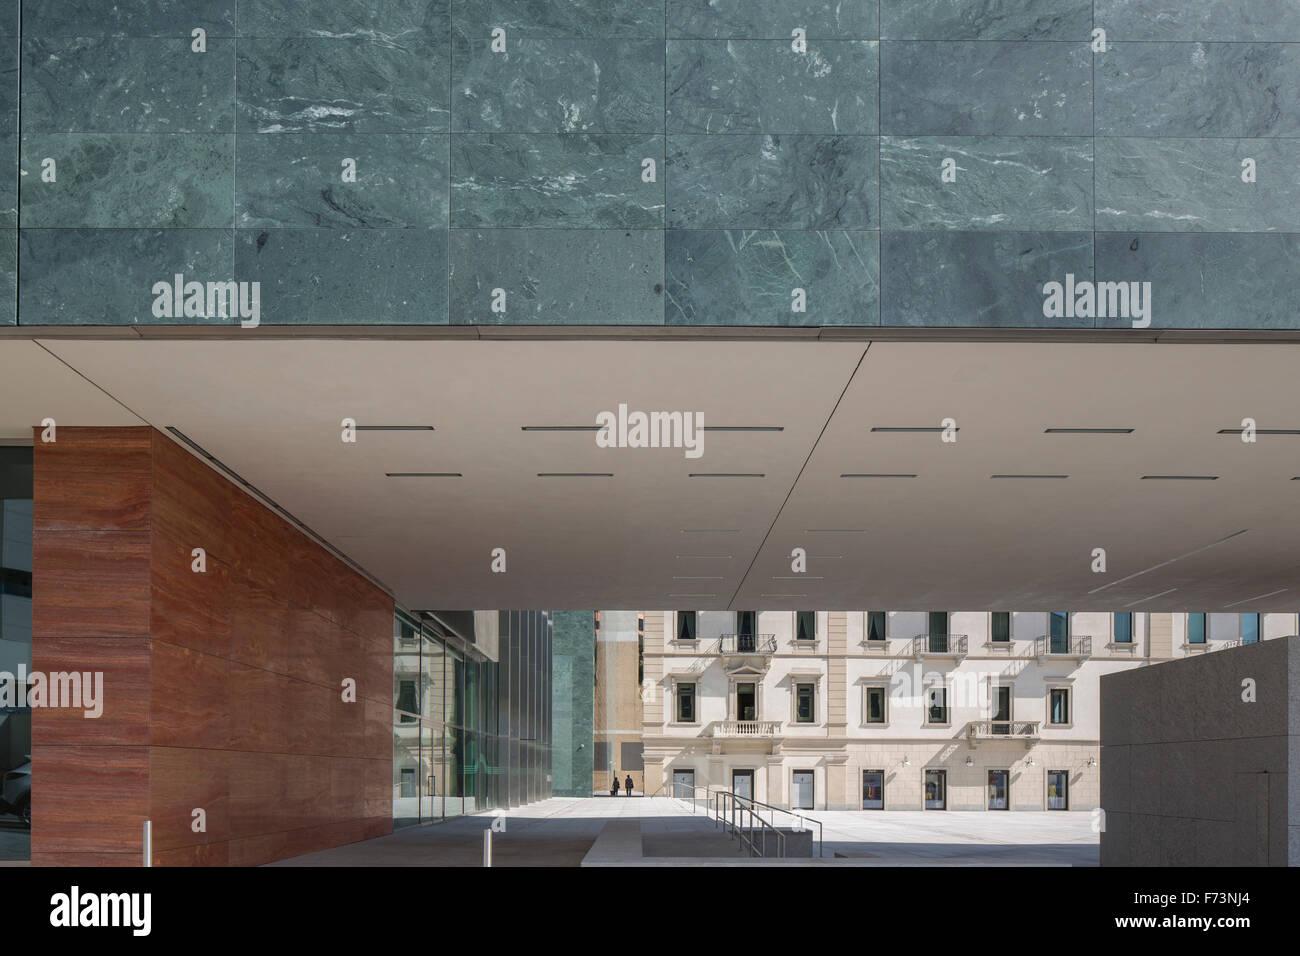 detail der außenfassade verkleidung und durchgang in richtung piazza